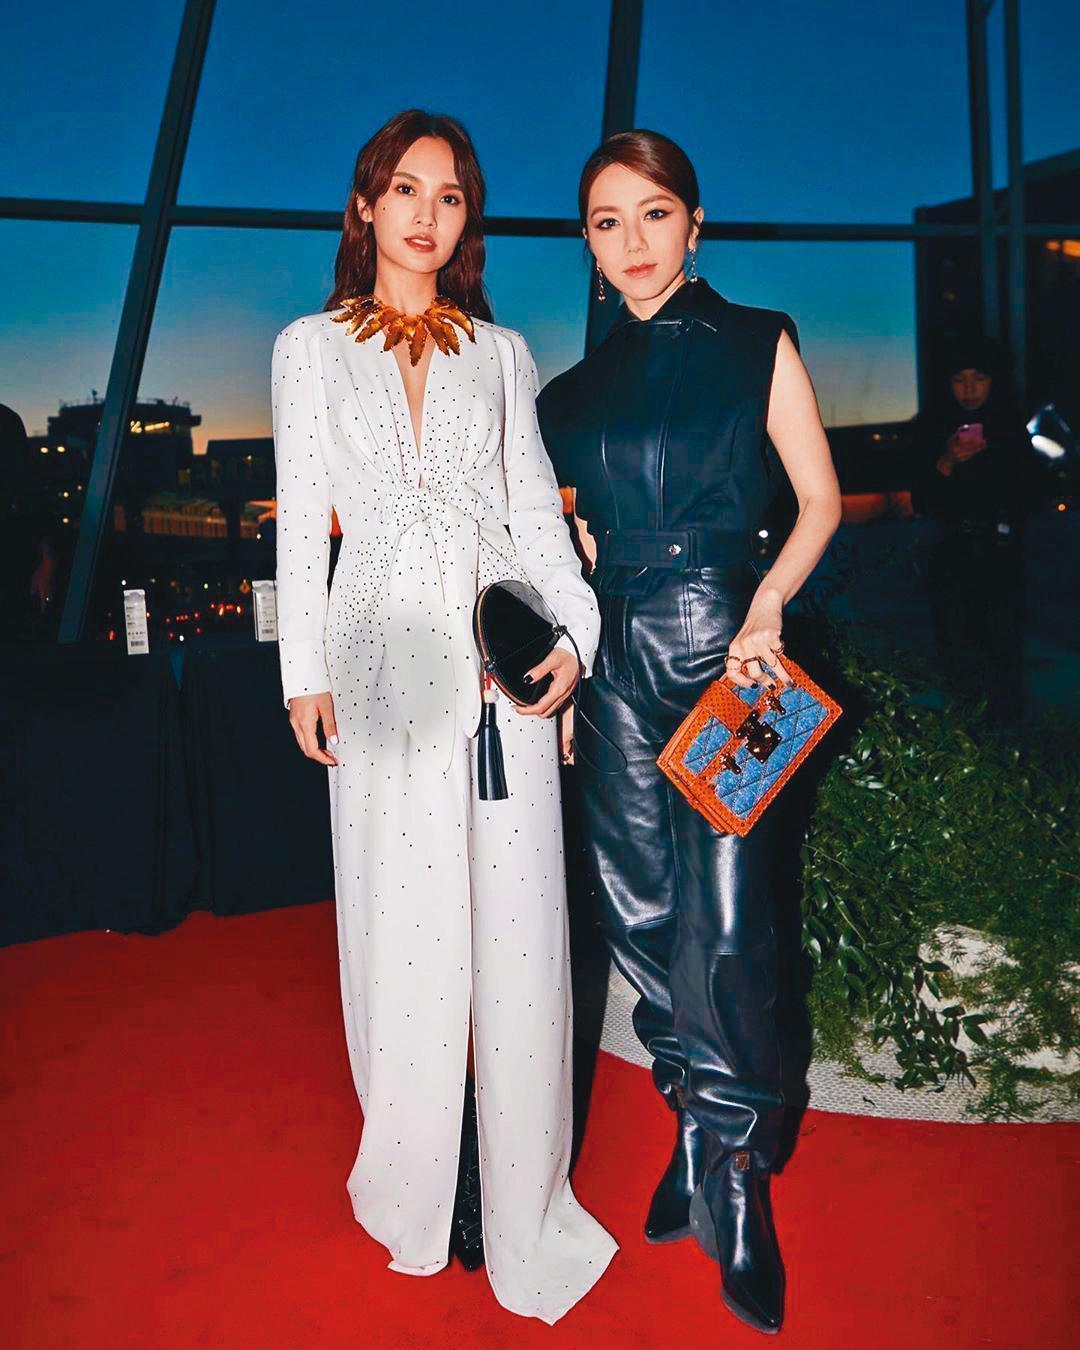 去年5月,鄧紫棋(右)應邀到紐約出席「LOUIS VUITTON 2020 初夏系列時裝展」,同場見到楊丞琳(左),馬上合照留念。(翻攝自鄧紫棋IG)